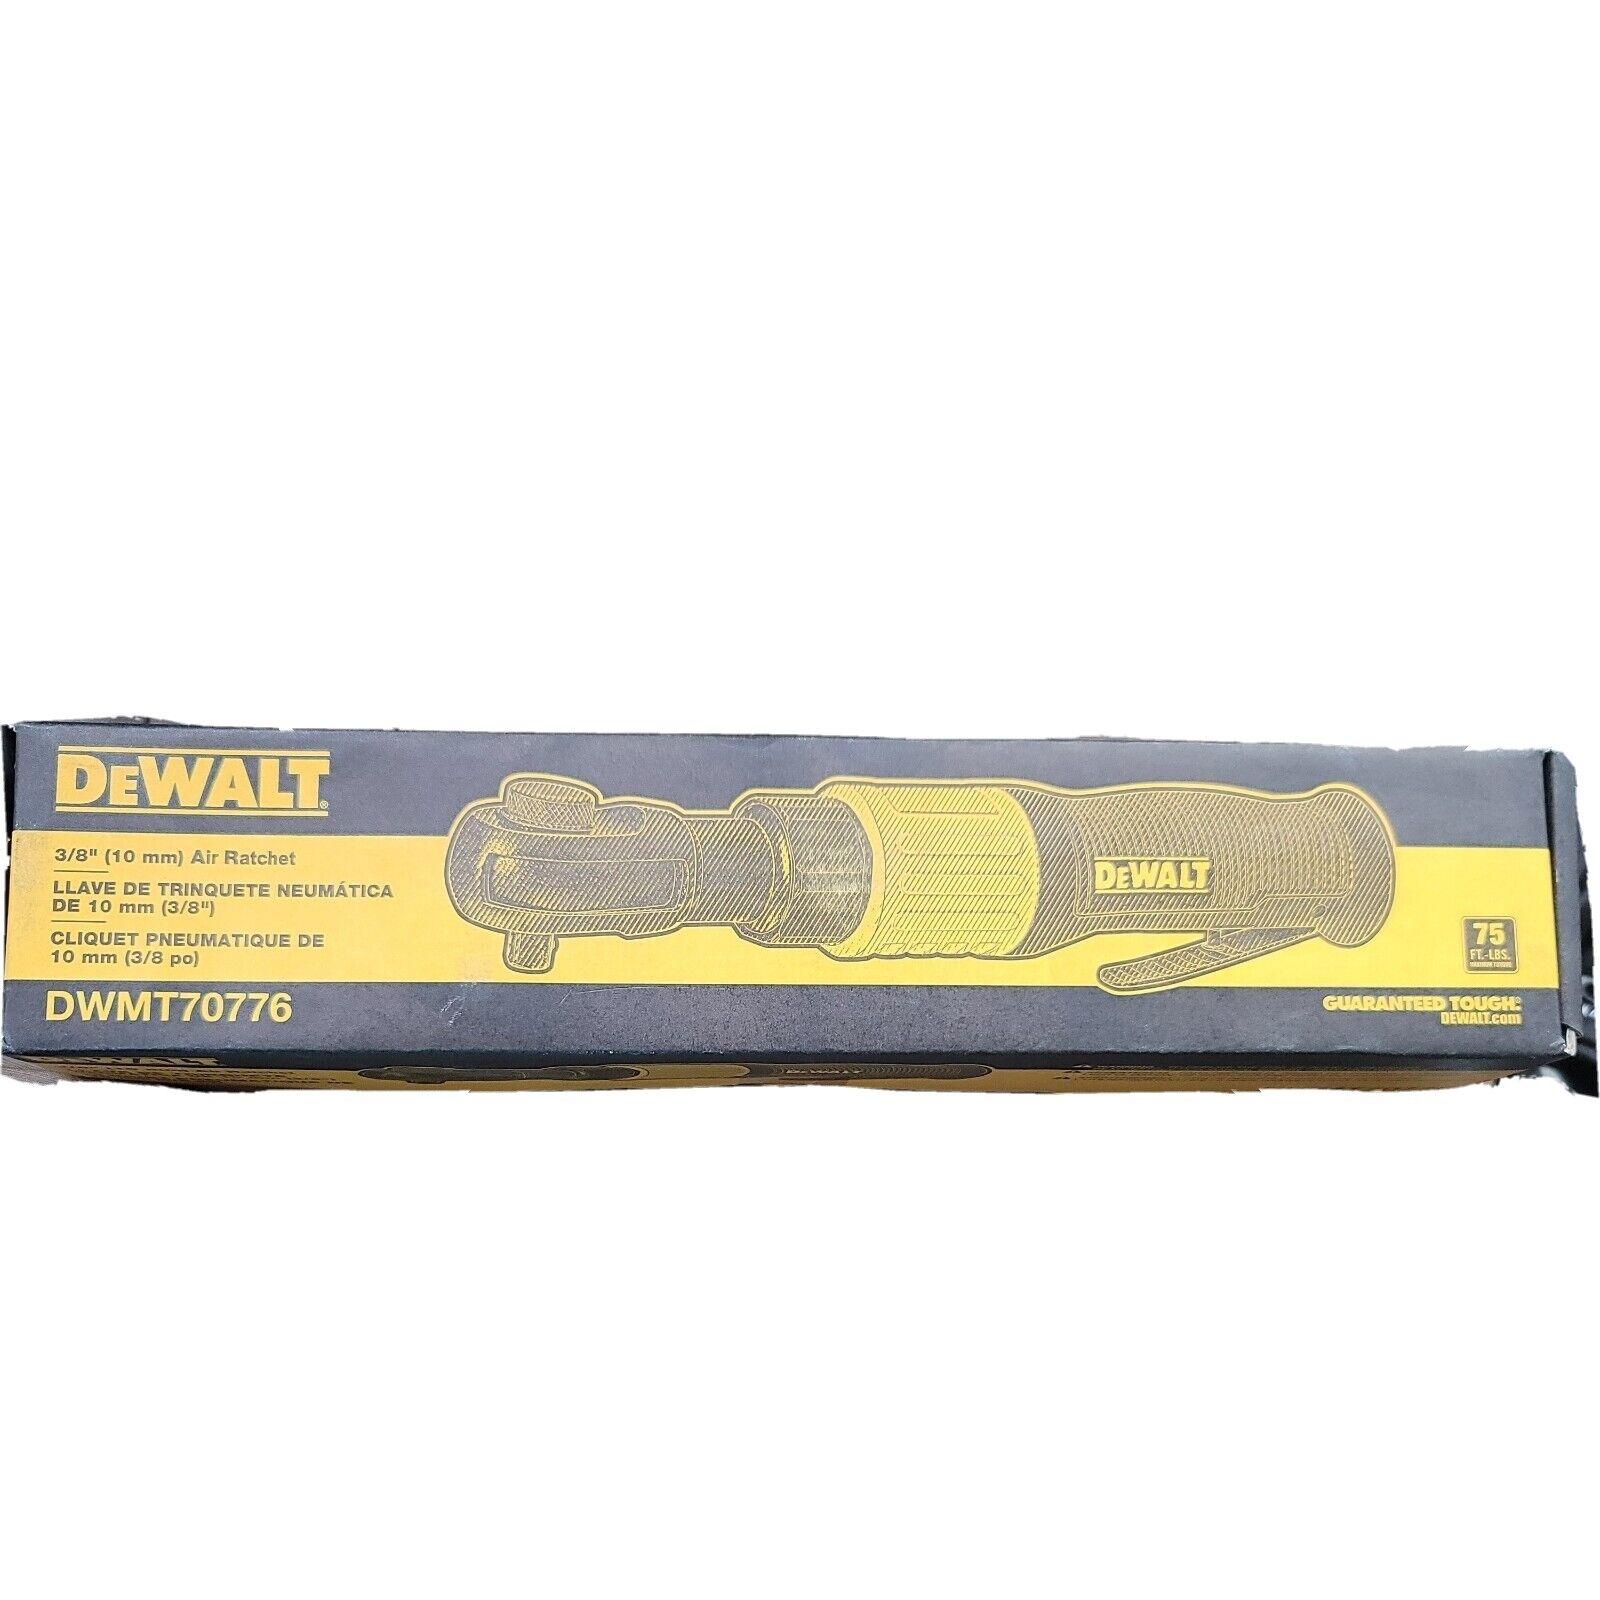 DeWALT DWMT70776 3/8-Inch 75 ft-lb Torque Durable Pneumatic Air Ratchet. Available Now for 54.86